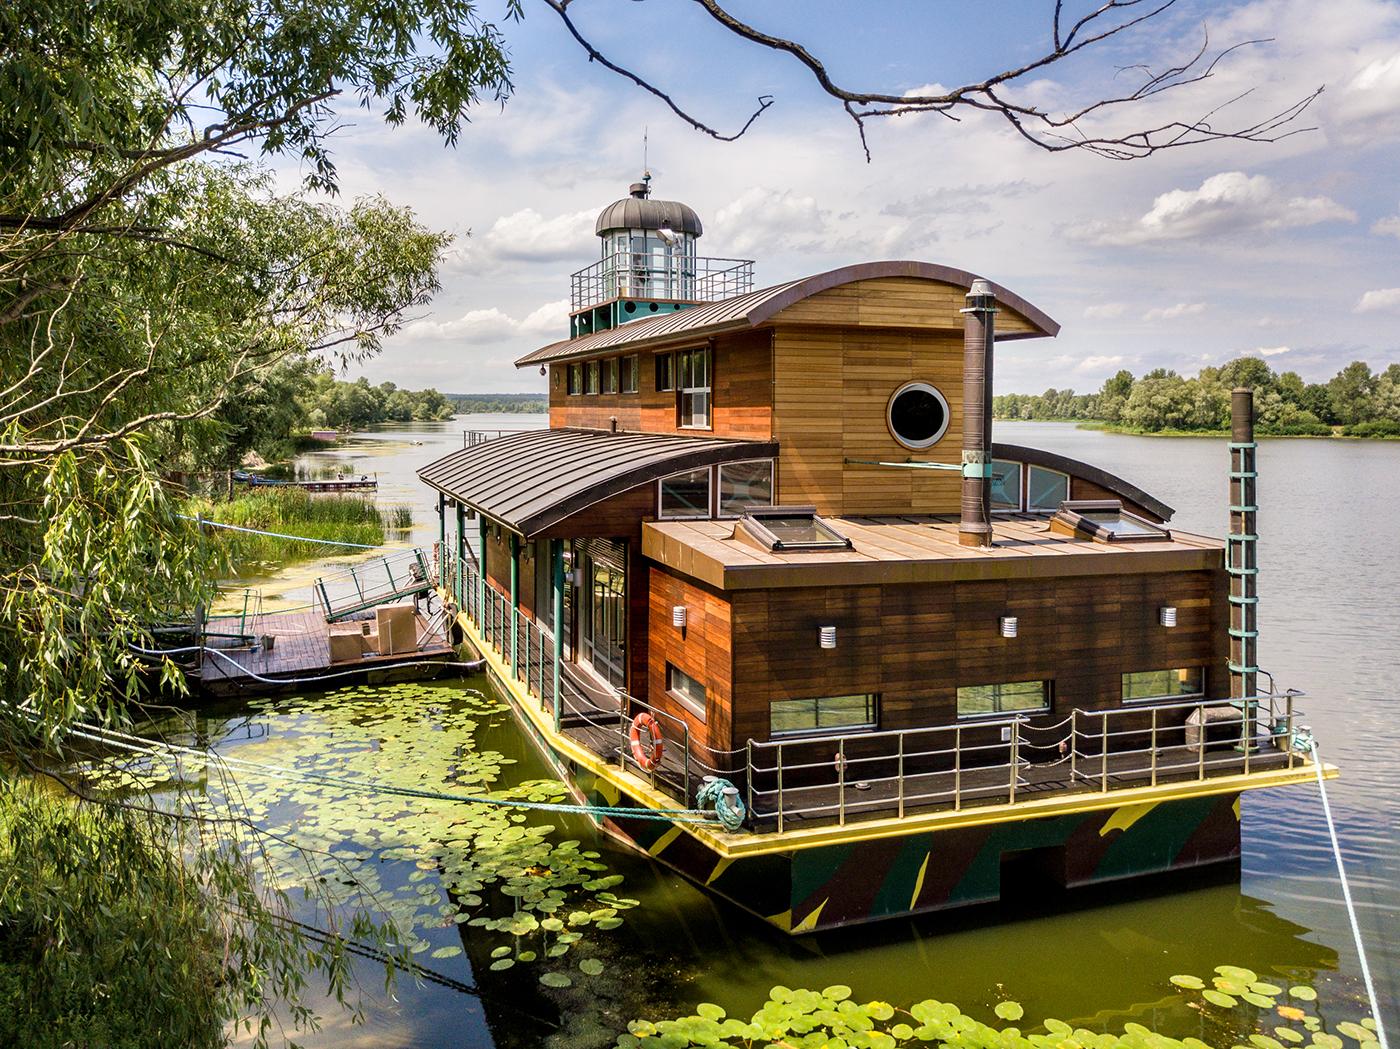 Houseboat lake